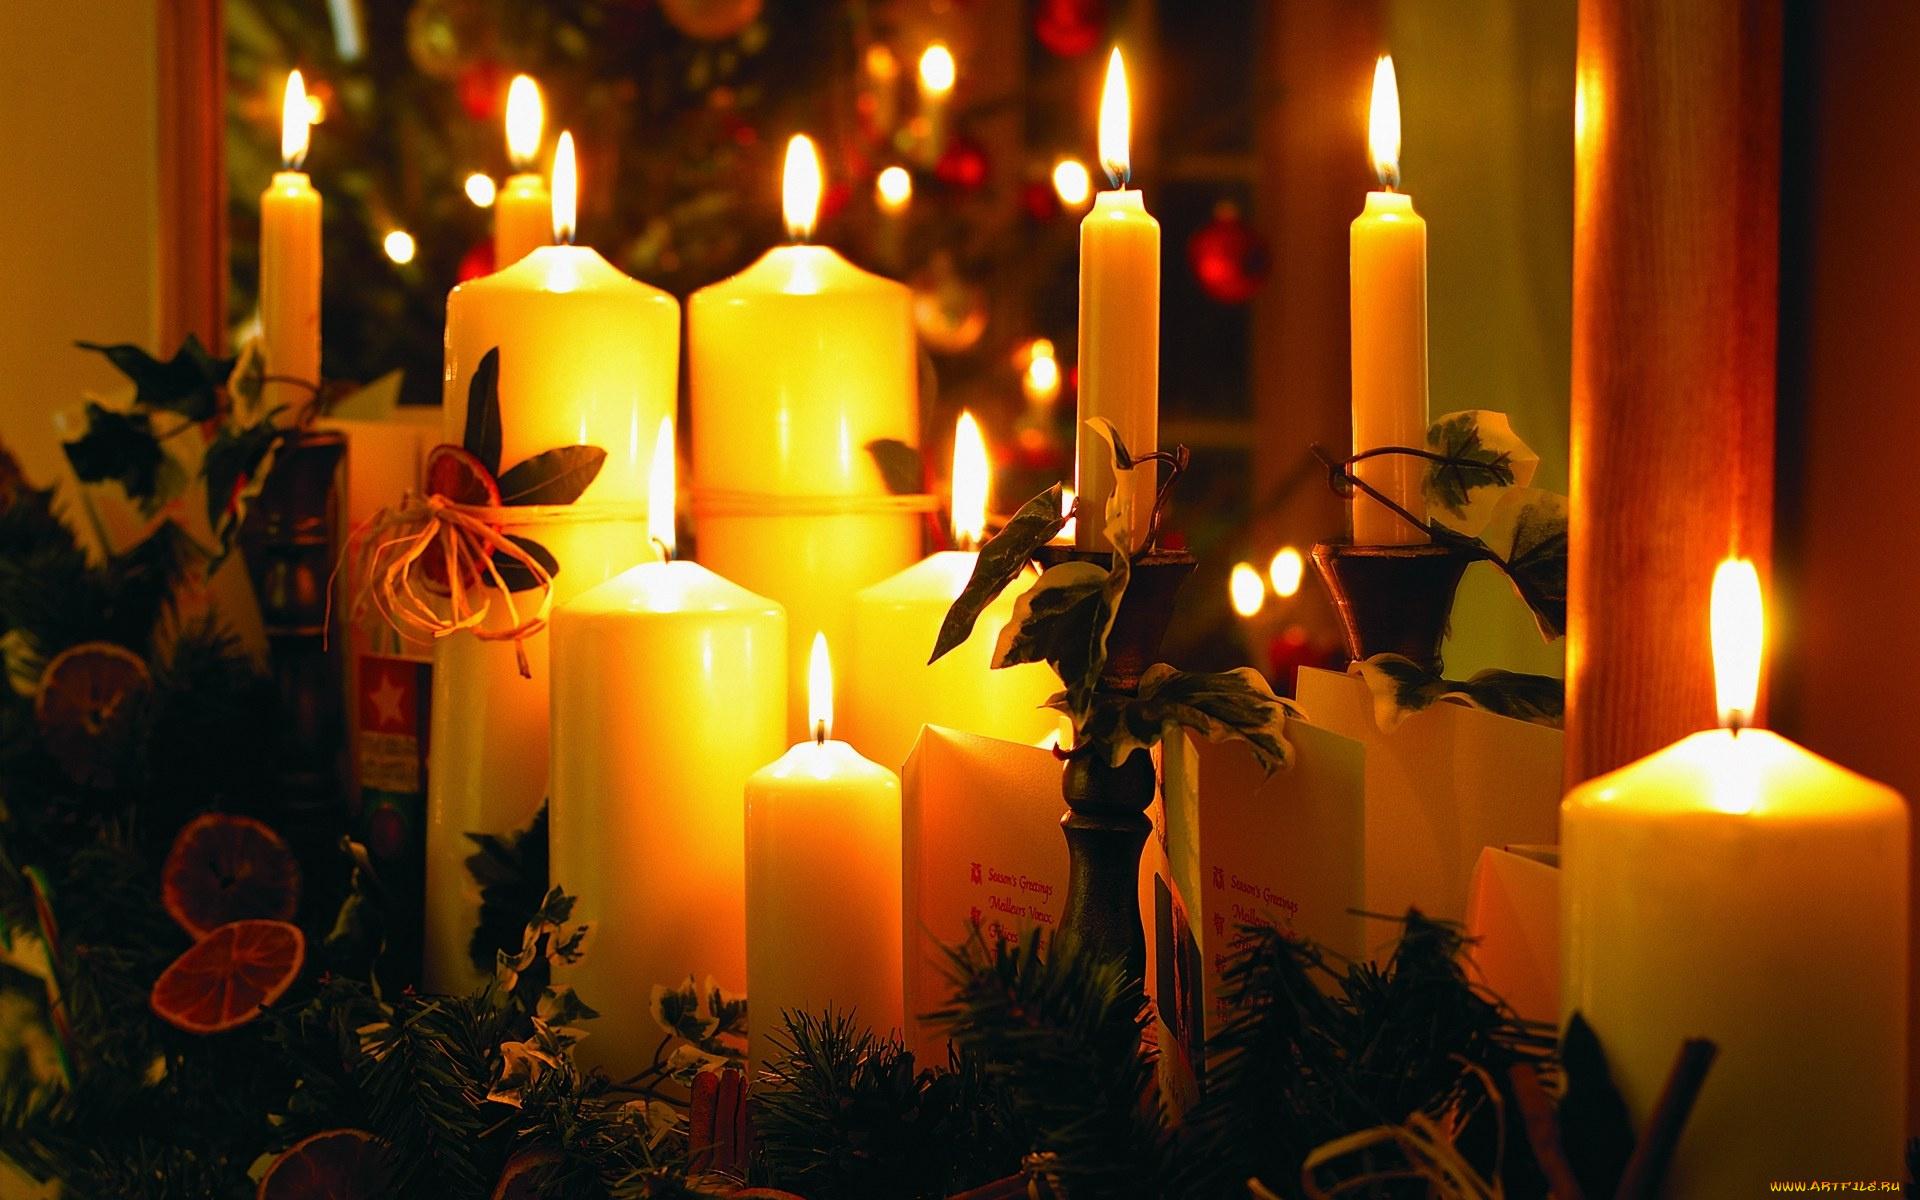 Уголками природы, картинка со свечами праздник